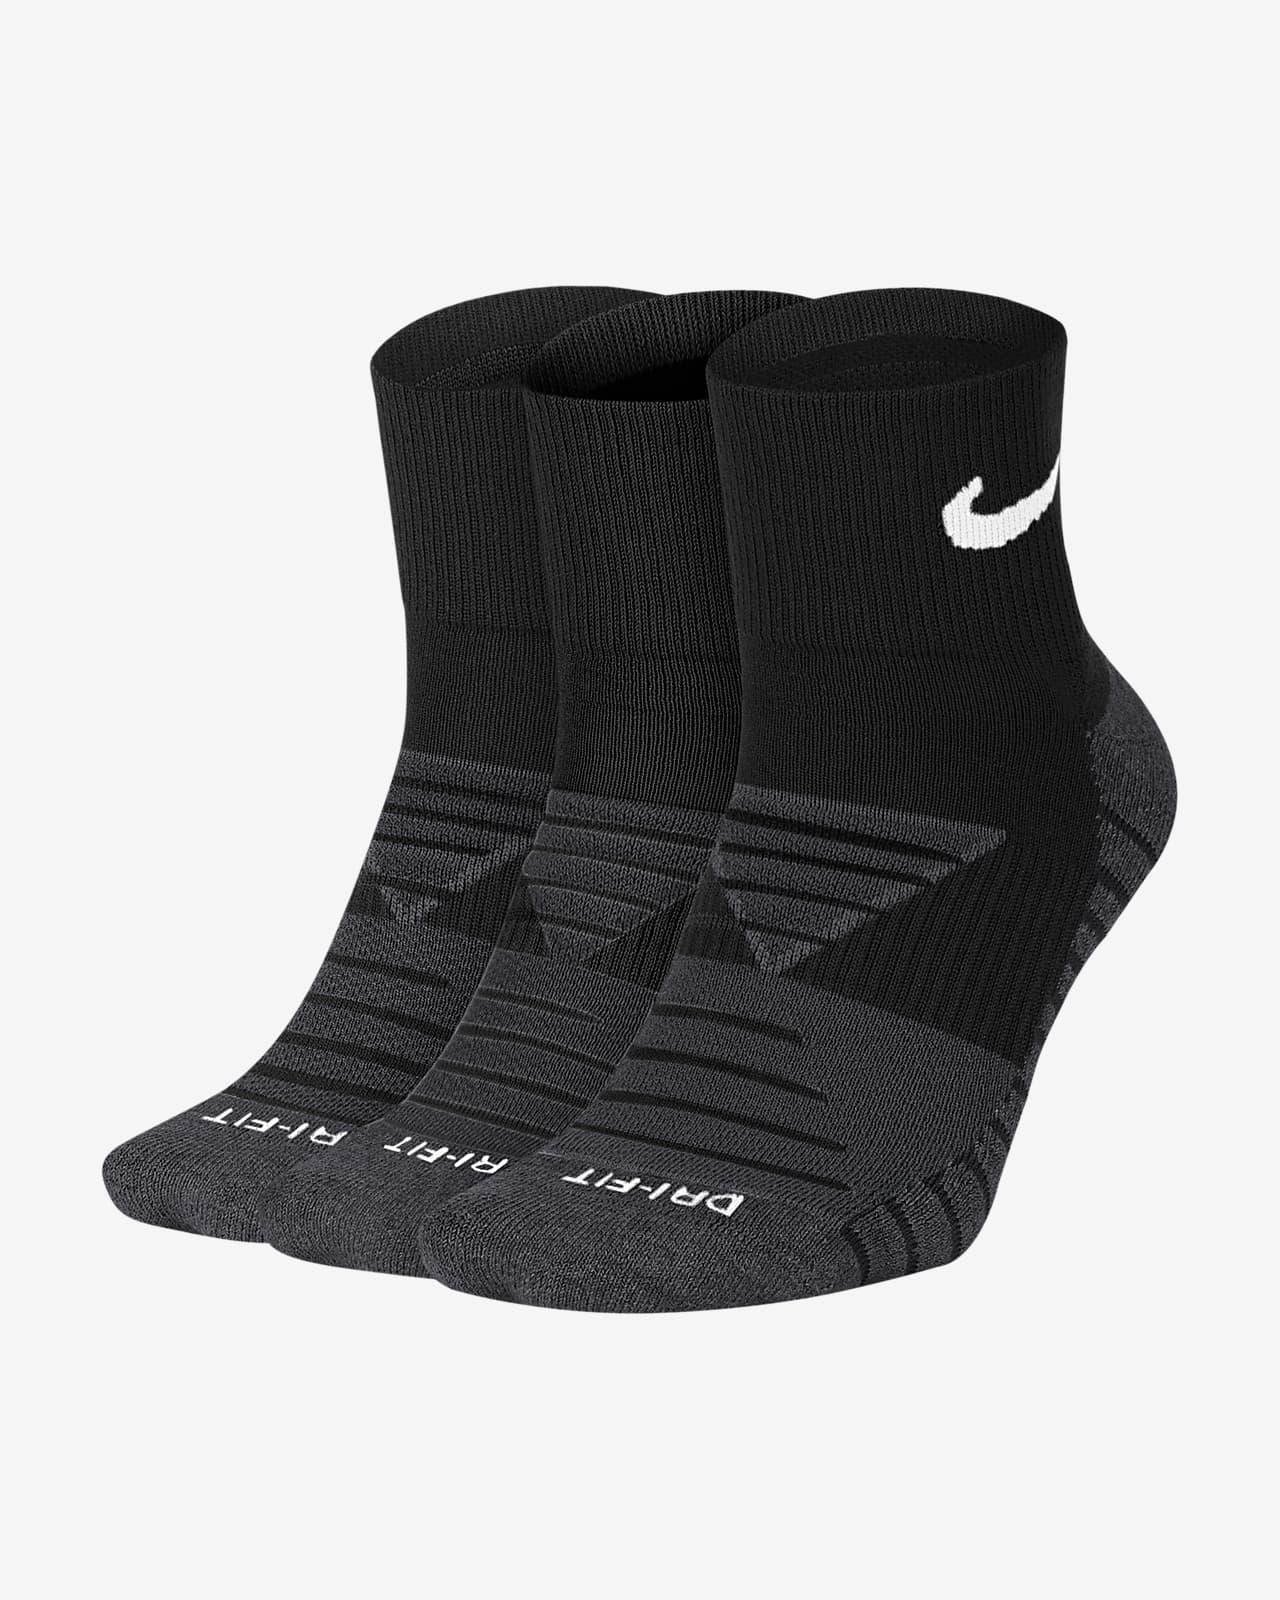 Nike Everyday Max Cushioned Calcetines de entrenamiento hasta el tobillo (3 pares)